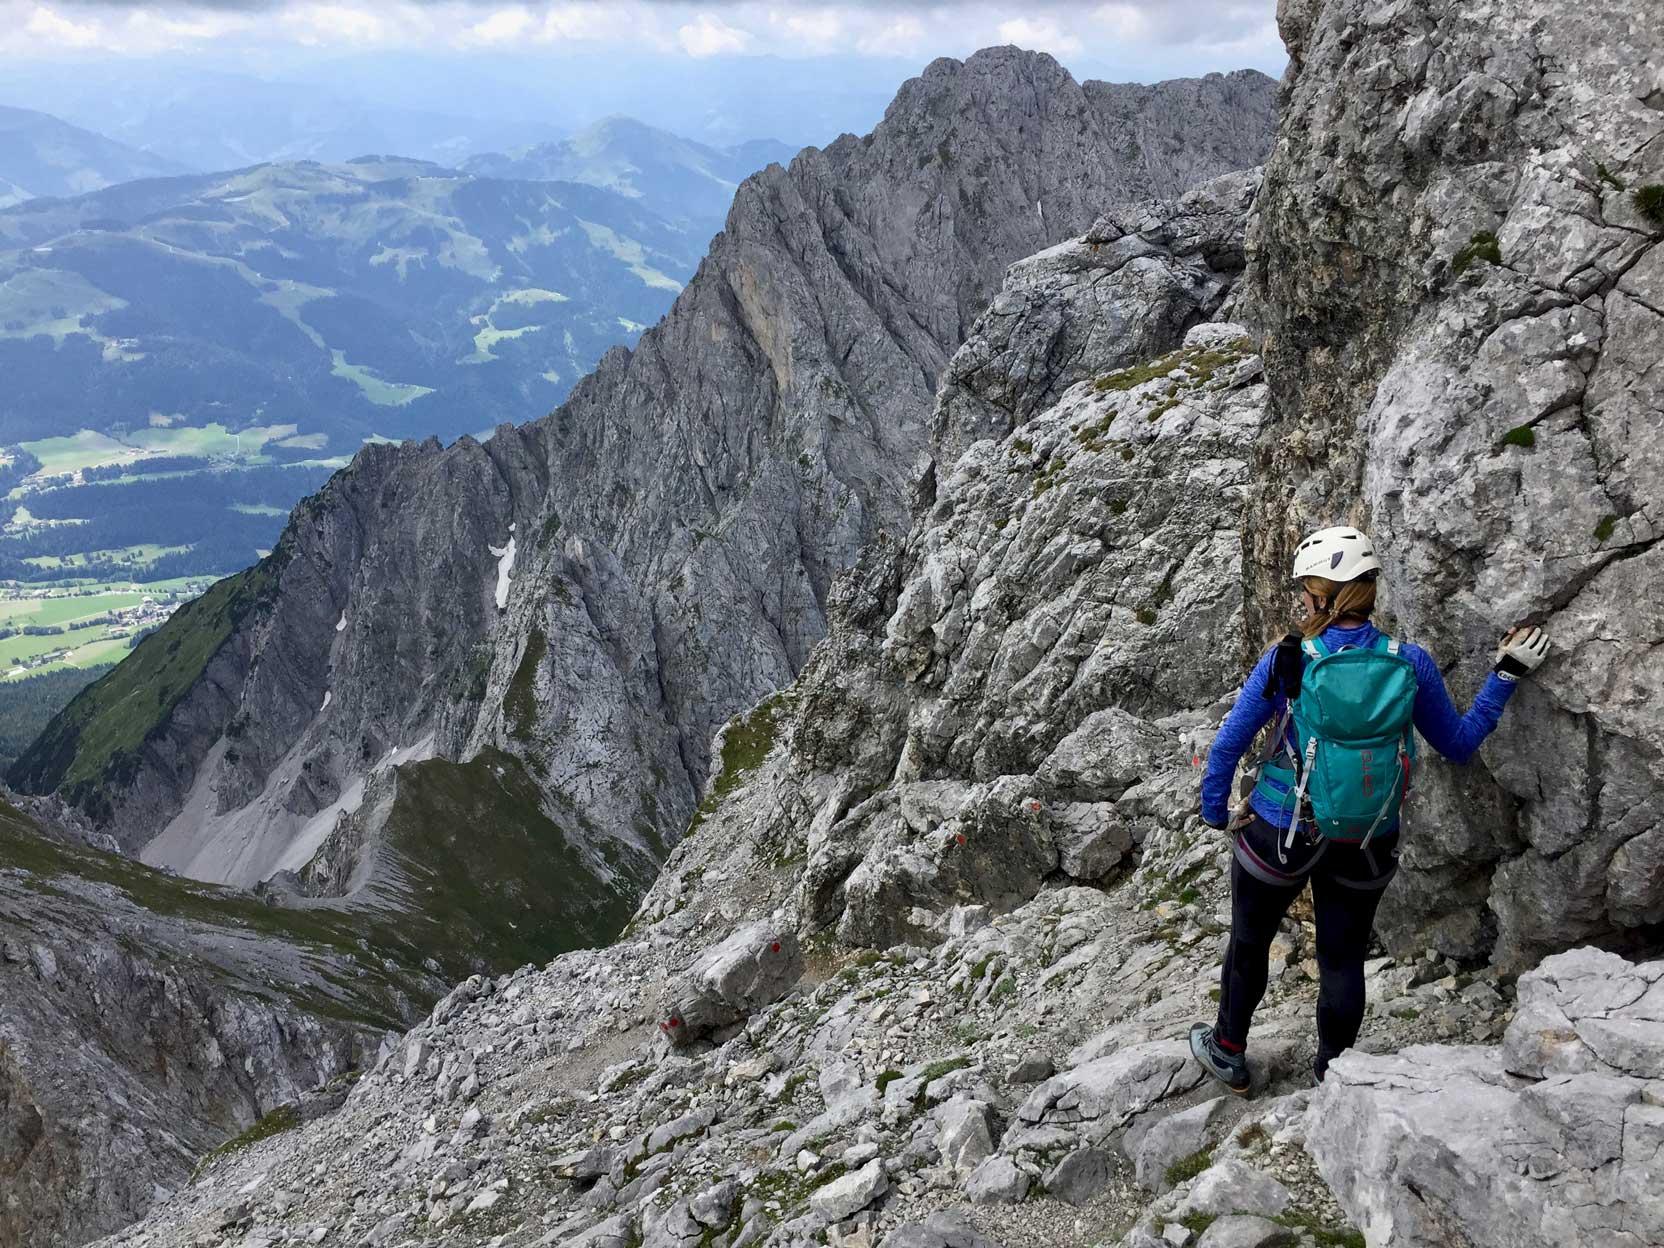 celine-rudolph-ellmauer-halt-abstieg-klettersteig-munichmountaingirls